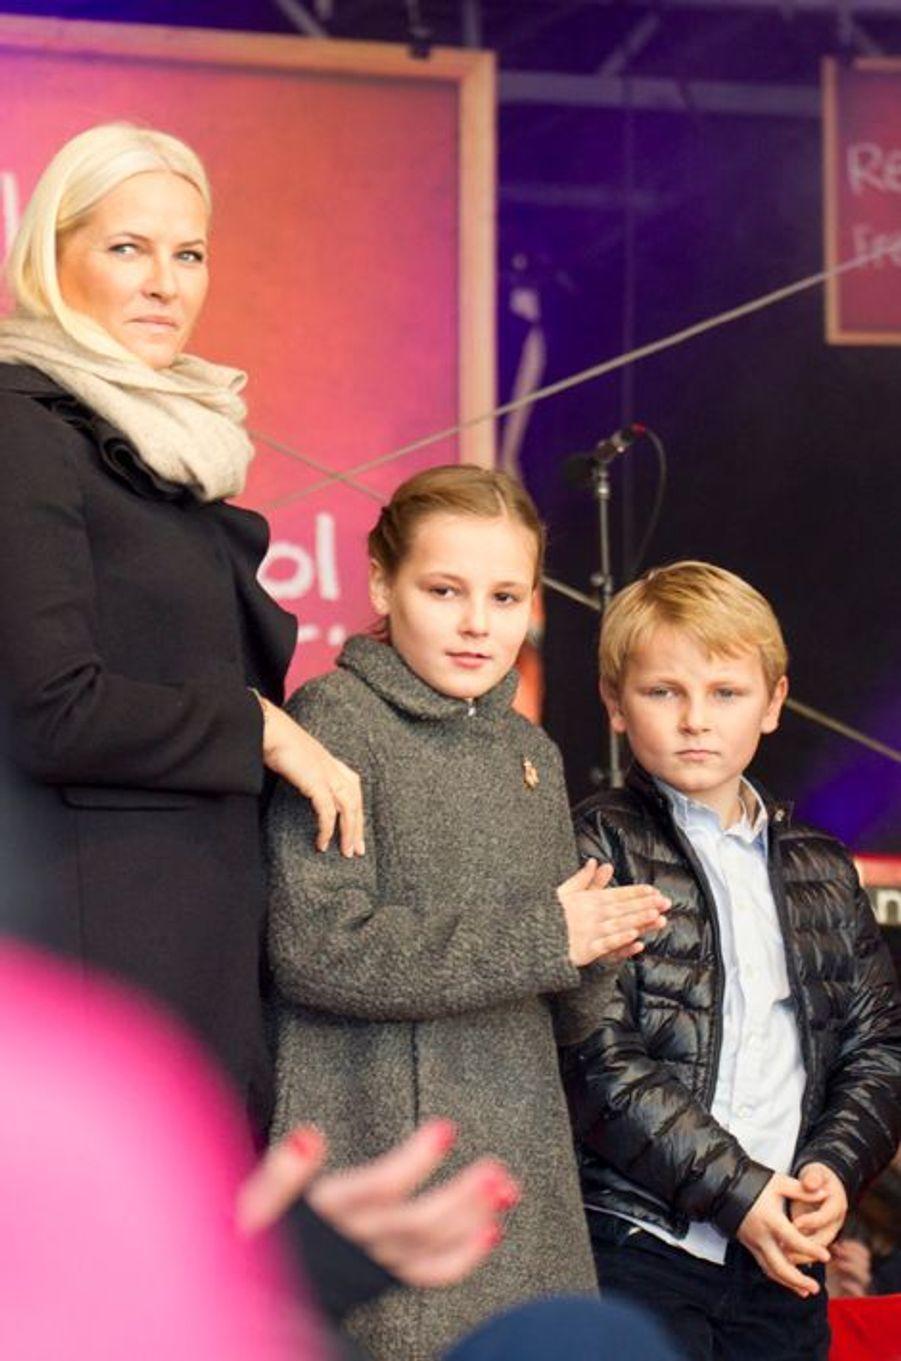 La princesse Mette-Marit et ses enfants Ingrid Alexandra et Sverre Magnus à Oslo le 10 décembre 2014